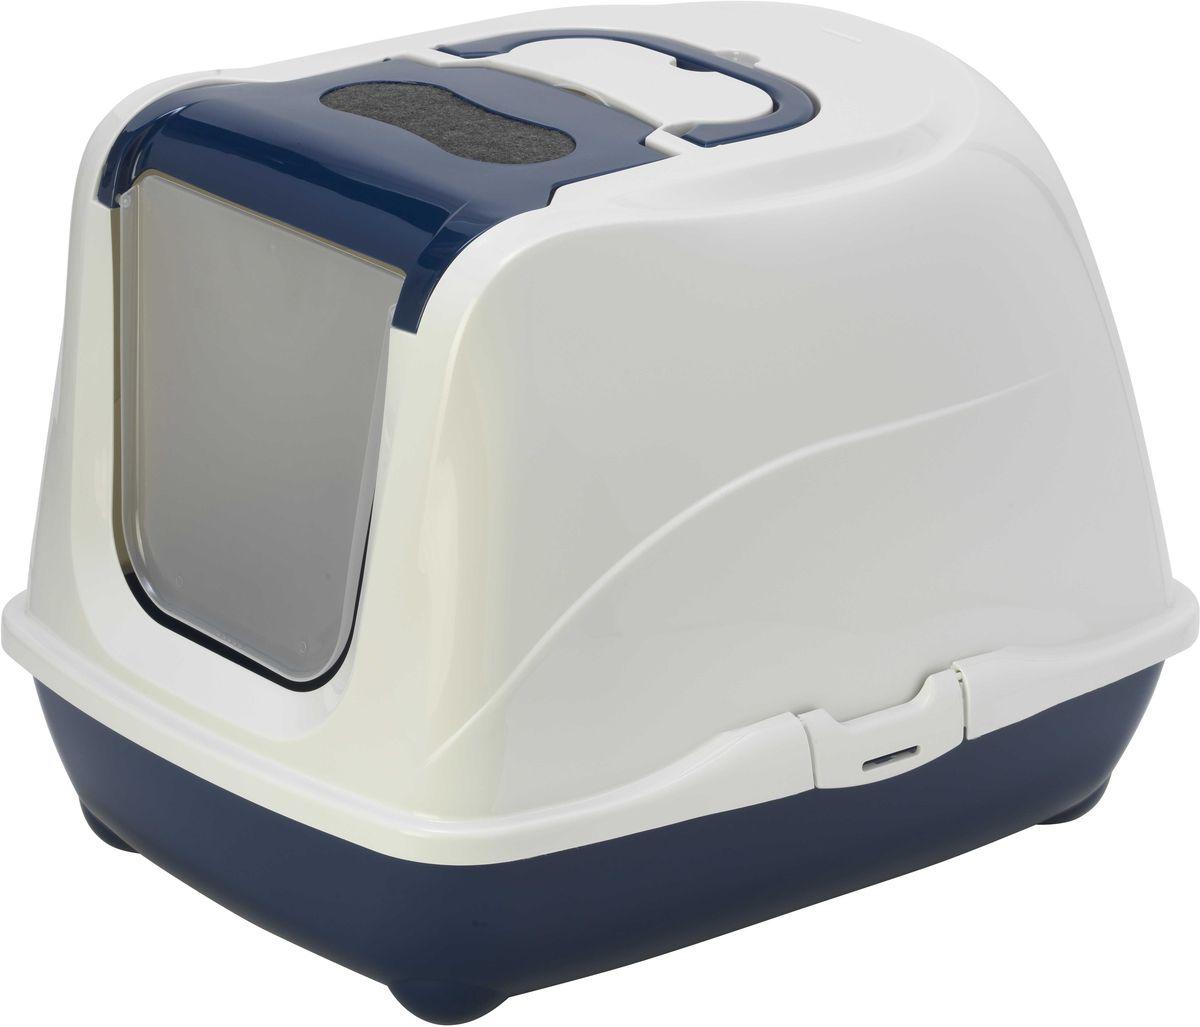 Туалет закрытый Moderna Flip Cat, для больших кошек, цвет: черника, 58 х 45 х 42 см14C240331